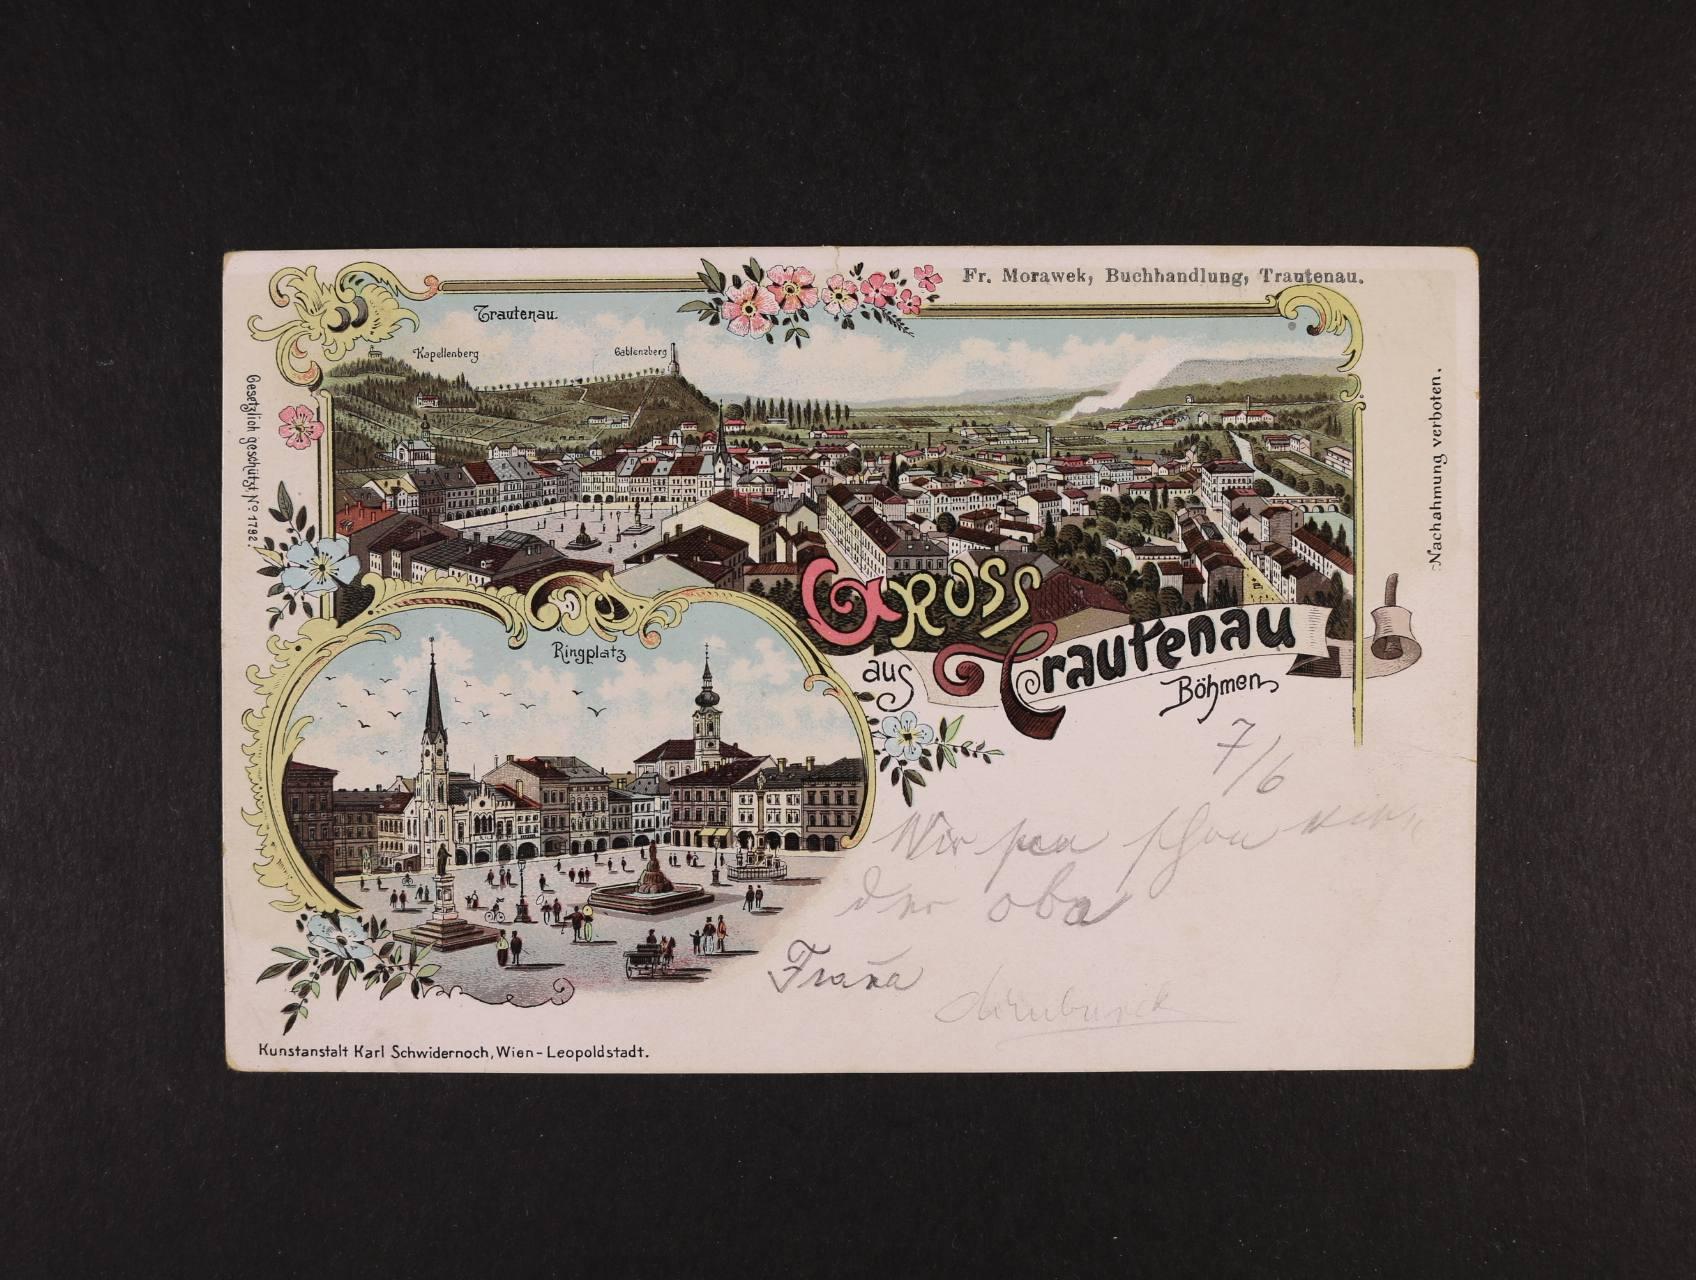 Trutnov - Trautenau - bar. litograf. koláž K. Schwidernoch, dl. adresa, použitá 1897